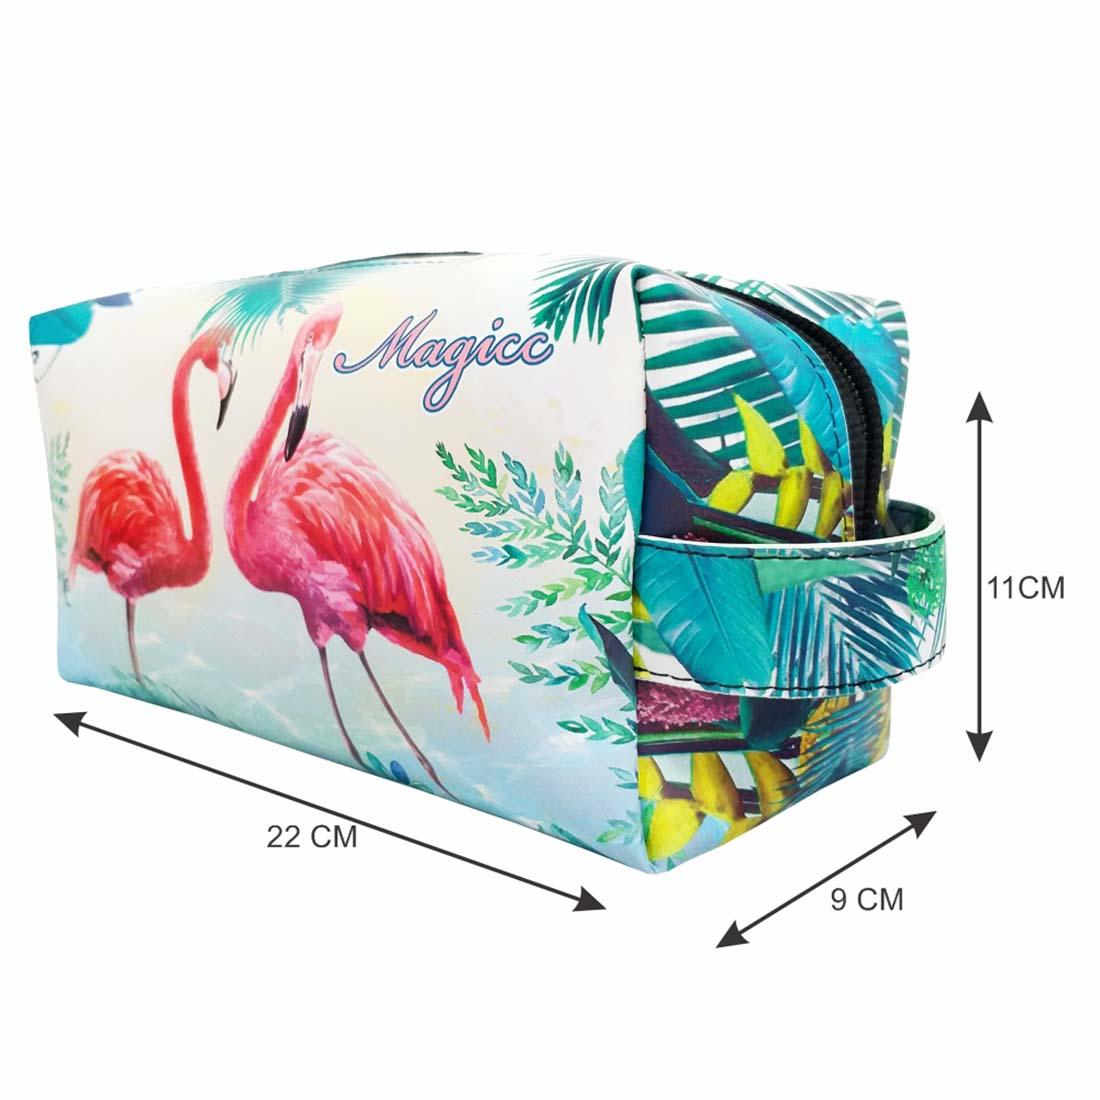 Necessaire Tropical Feminina Flamingos, Magicc